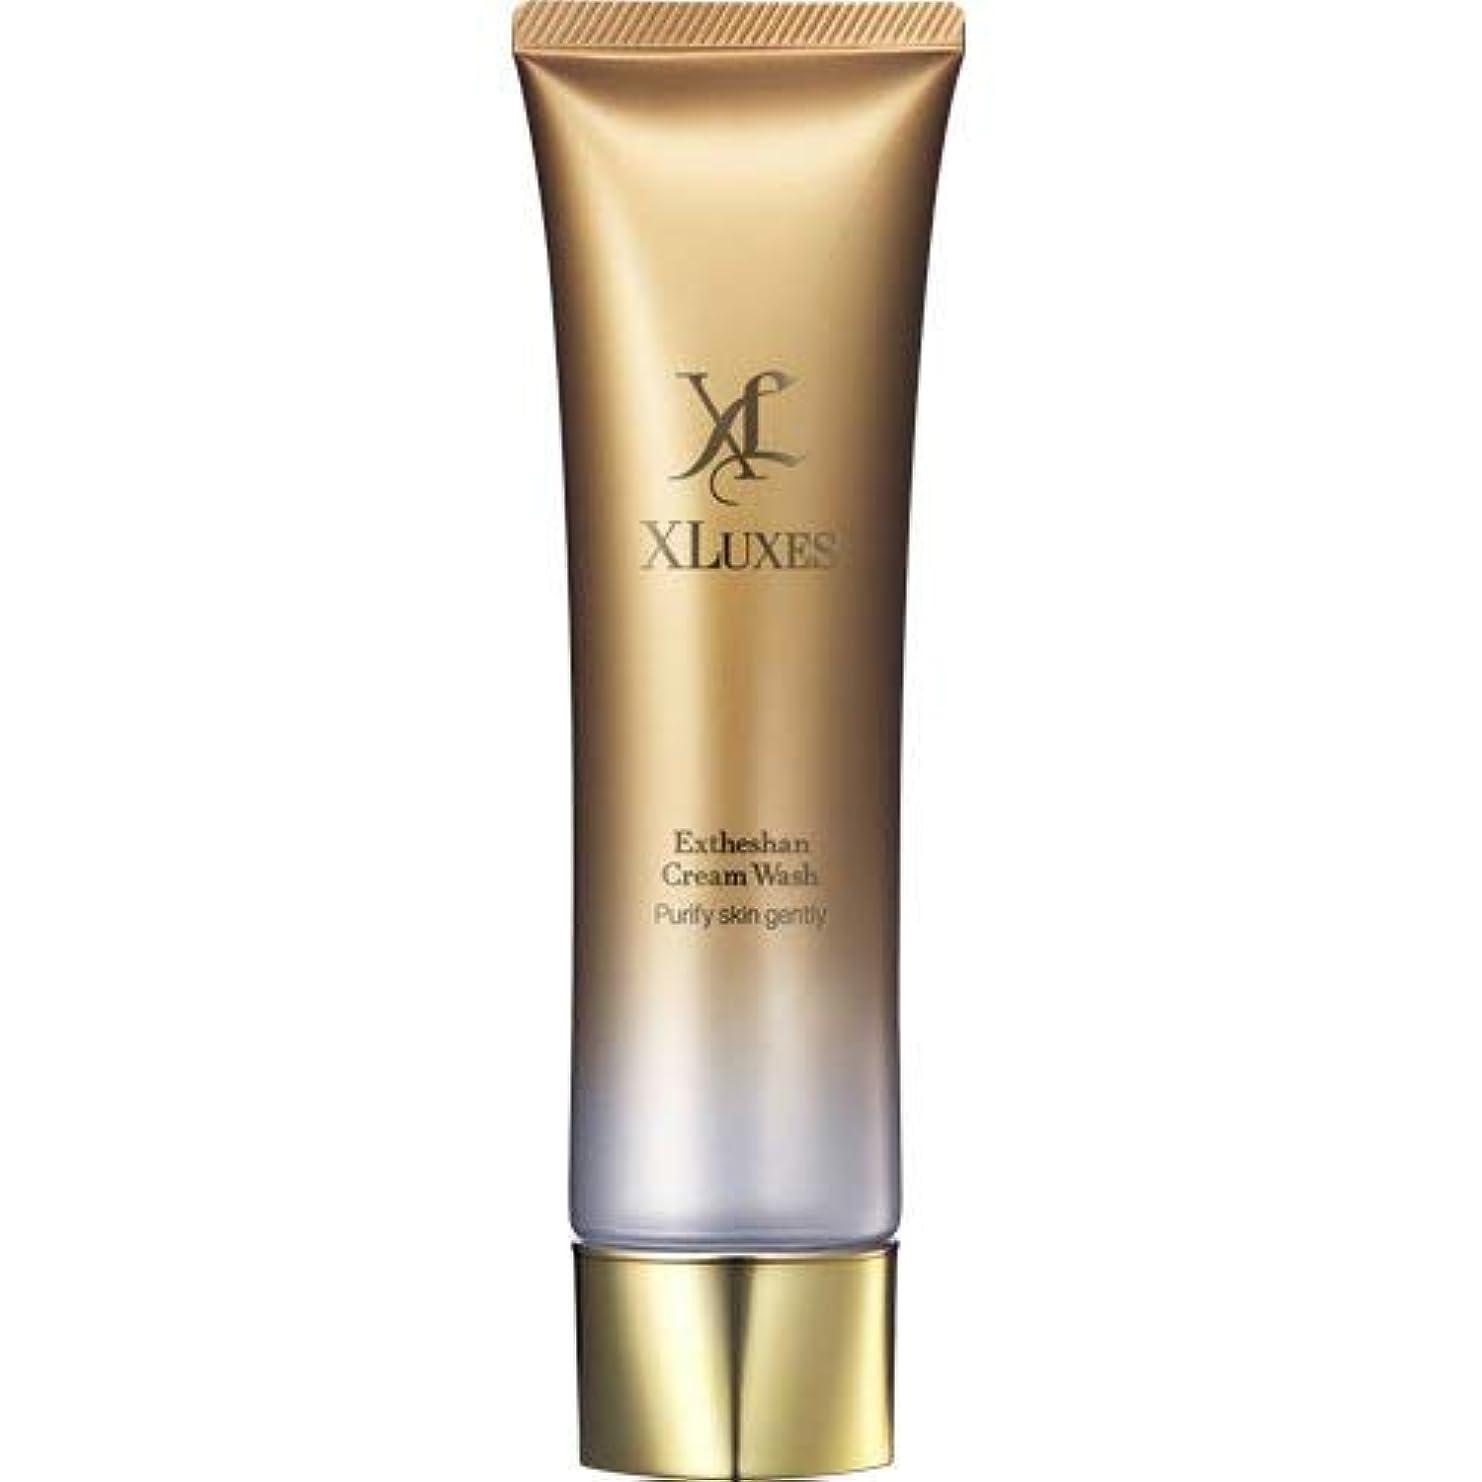 罪とても多くのトロピカルXLUXES 美容液洗顔 [ヒト幹細胞 培養液配合] エグゼティシャン クリームウォッシュ (ダマスクローズの香り)